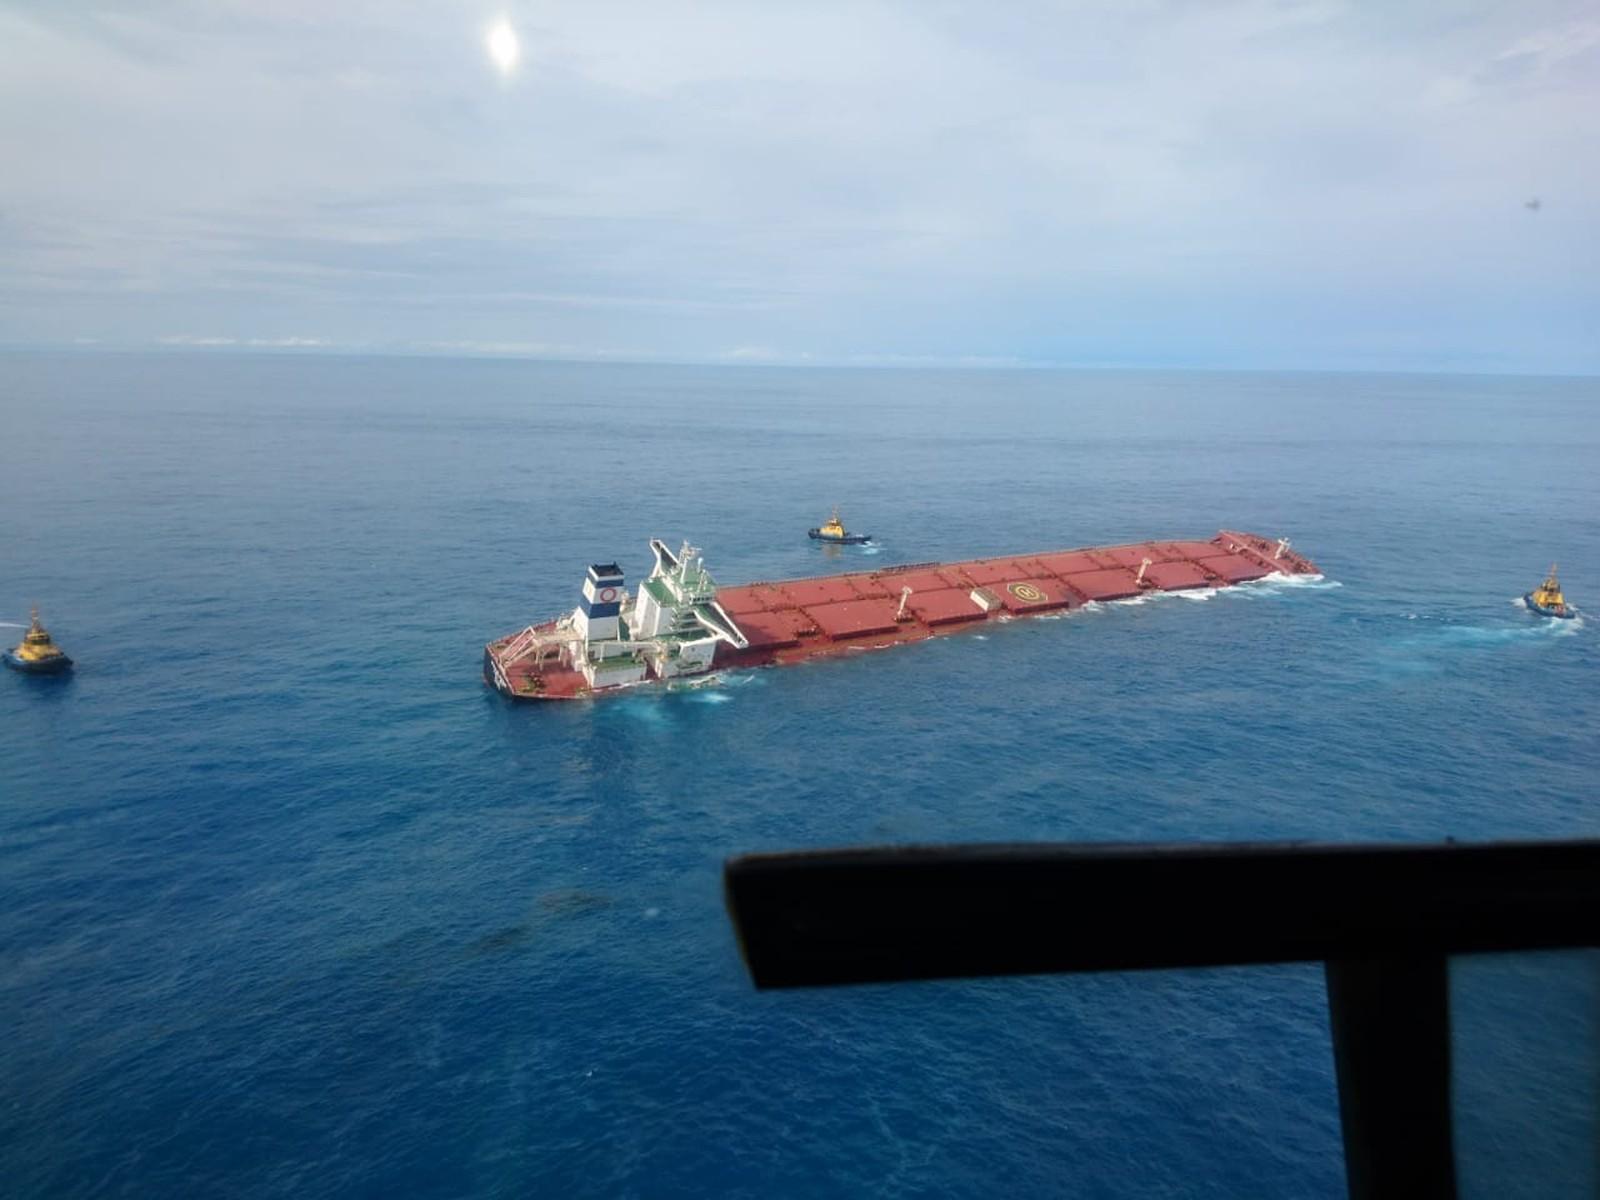 Ibama e Marinha não descartam vazamentos em navio encalhado no MA - Imagem 1